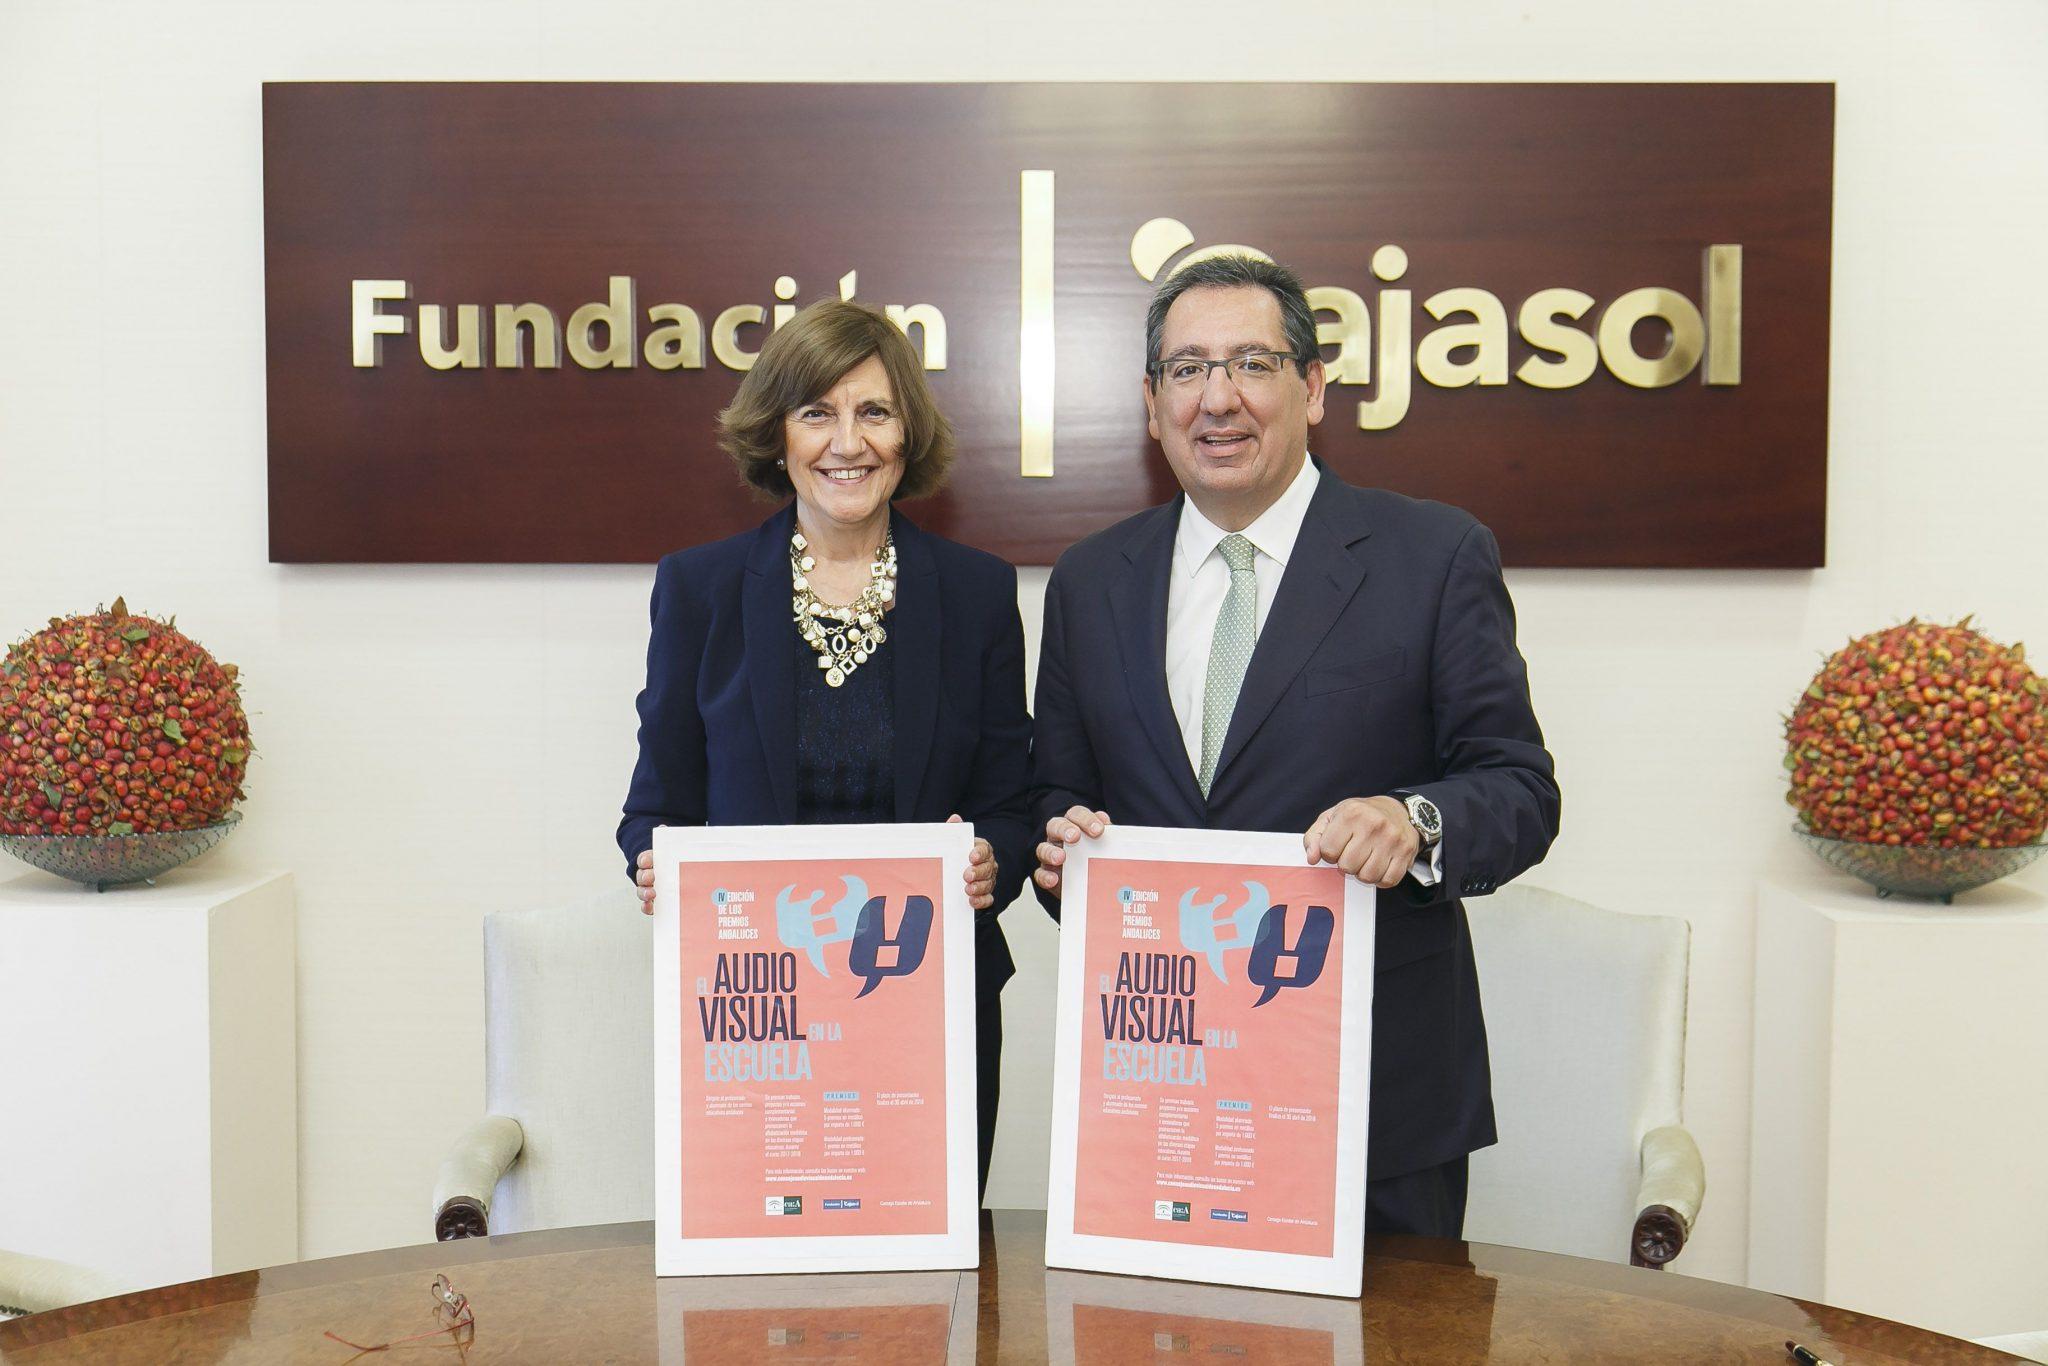 La Fundación Cajasol y el Consejo Audiovisual Andaluz ponen en marcha la IV Edición de los Premios El Audiovisual en la Escuela